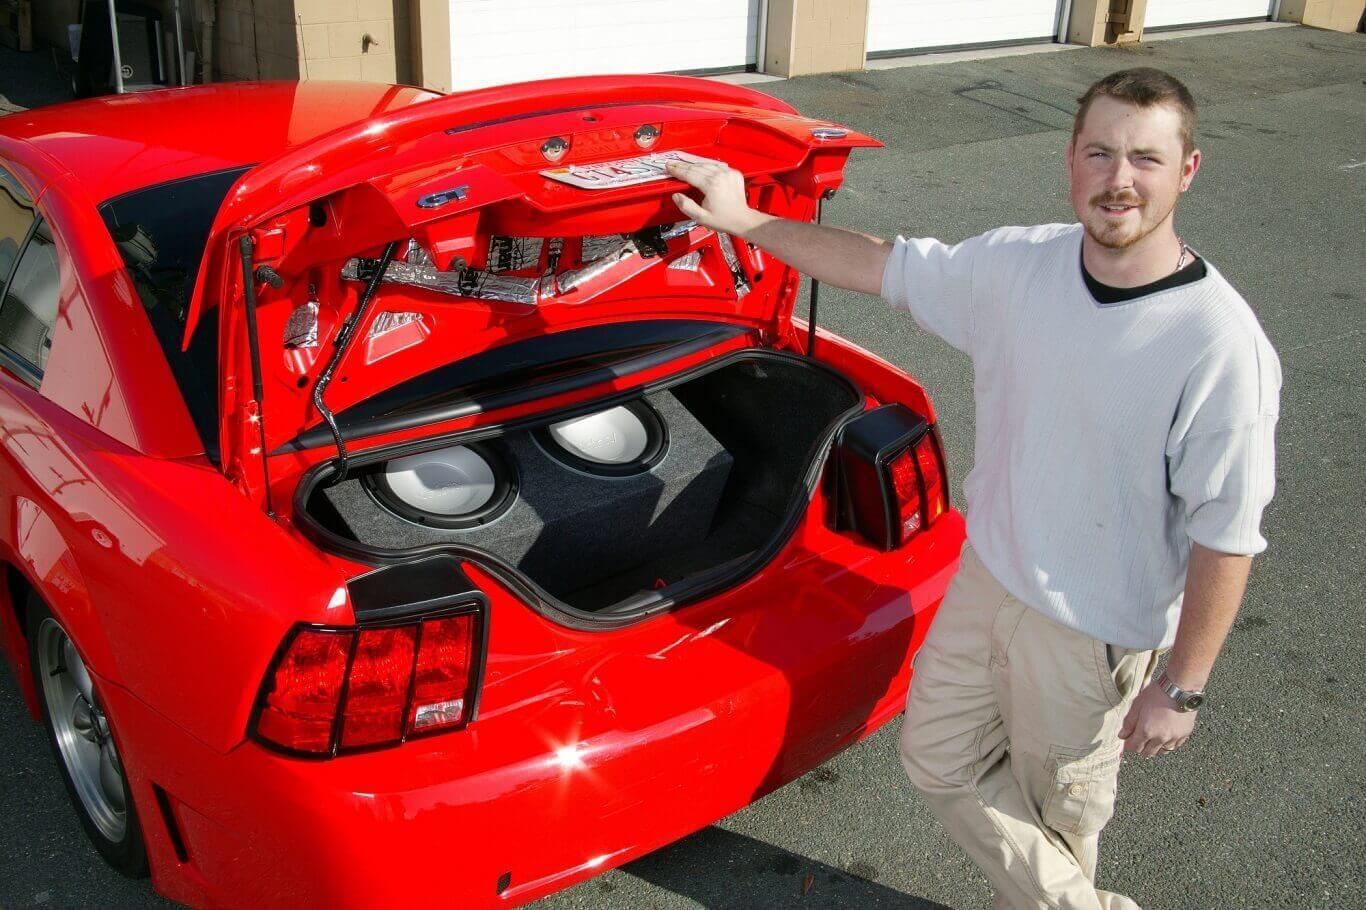 best car subwoofer for deep bass